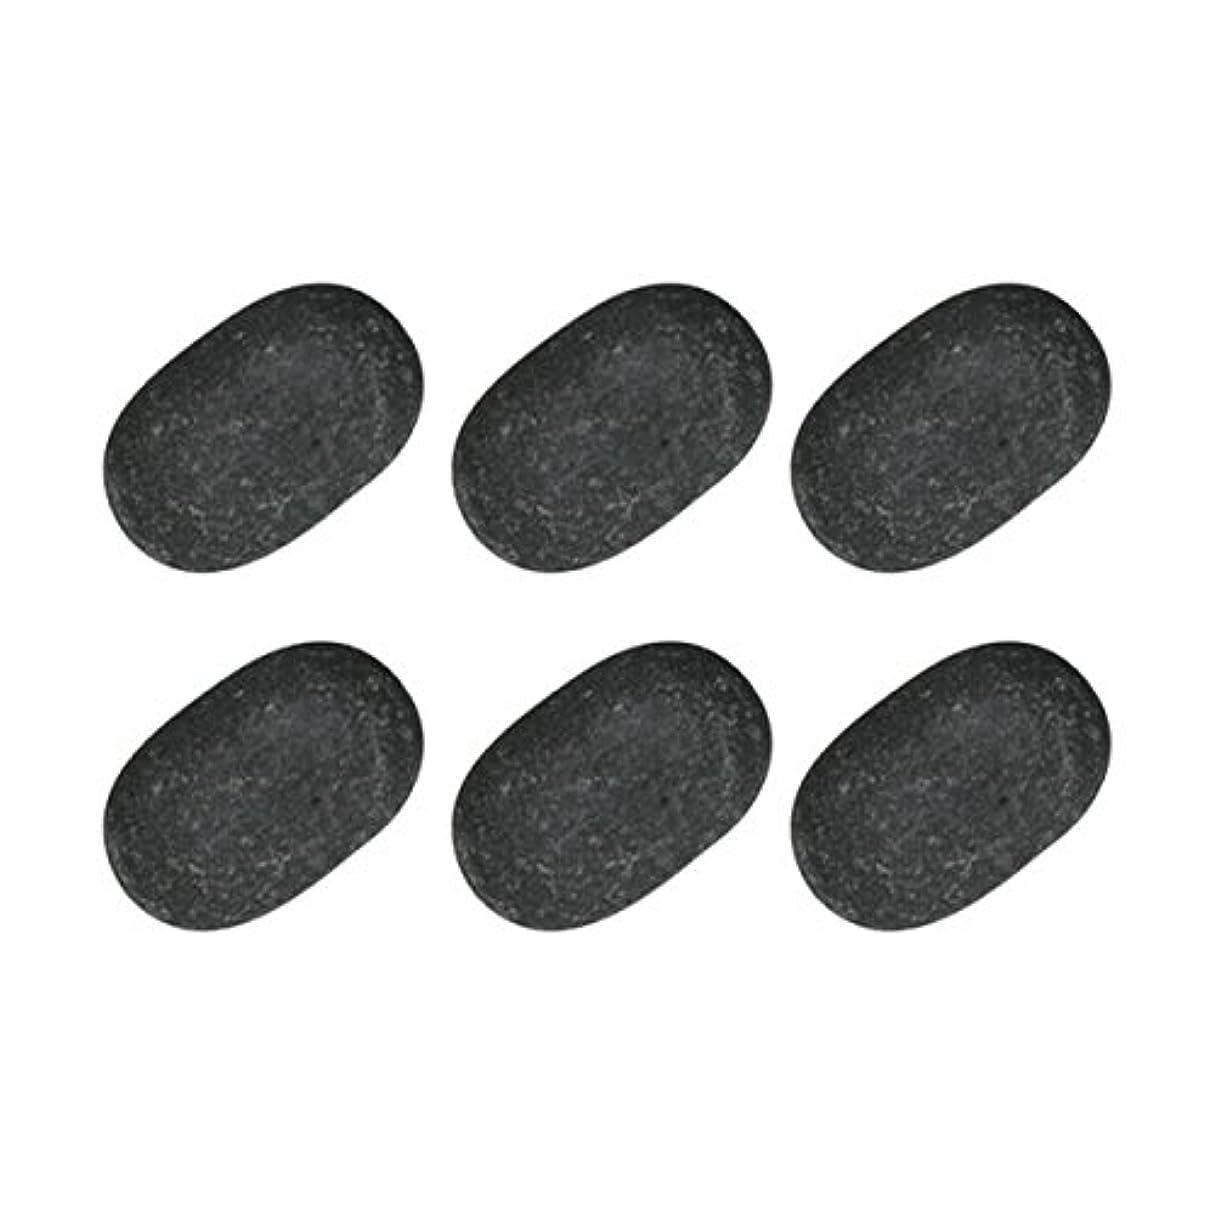 スカープ比較的インク玄武岩 ホットストーン 6個セット [ ホットストーン ホット ストーン ストーンヒーター ホットストーンセラピー セラピー 玄武岩 天然石 スパ ロミロミ ハワイ ハワイアン マッサージ ]